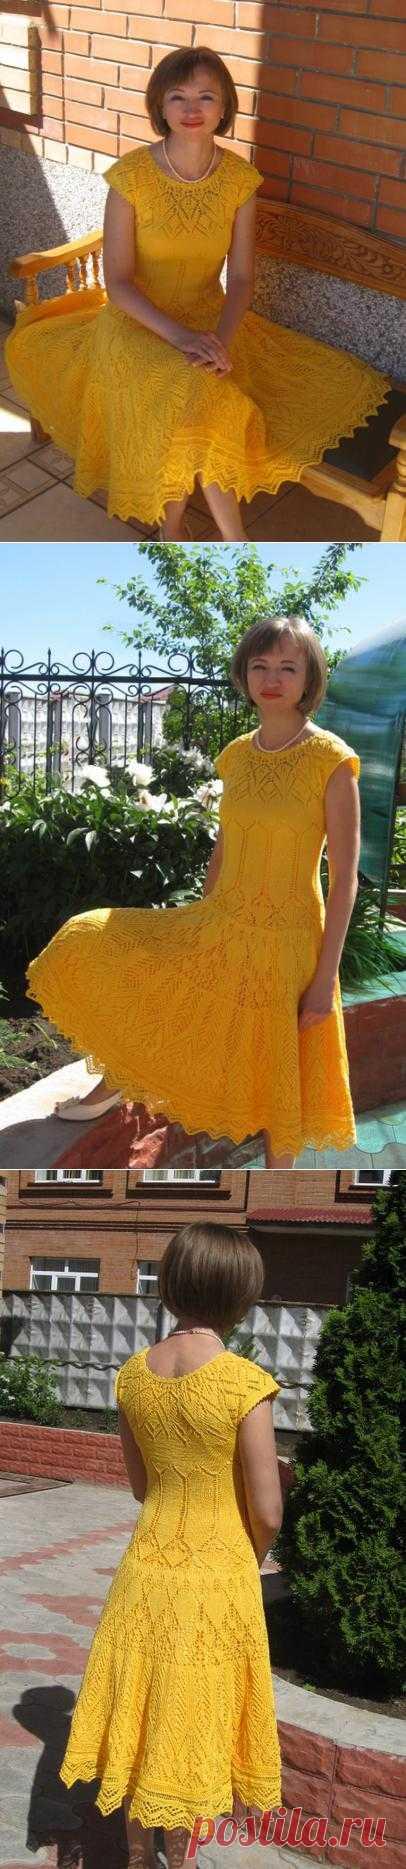 Солнечное платье. Комментарии